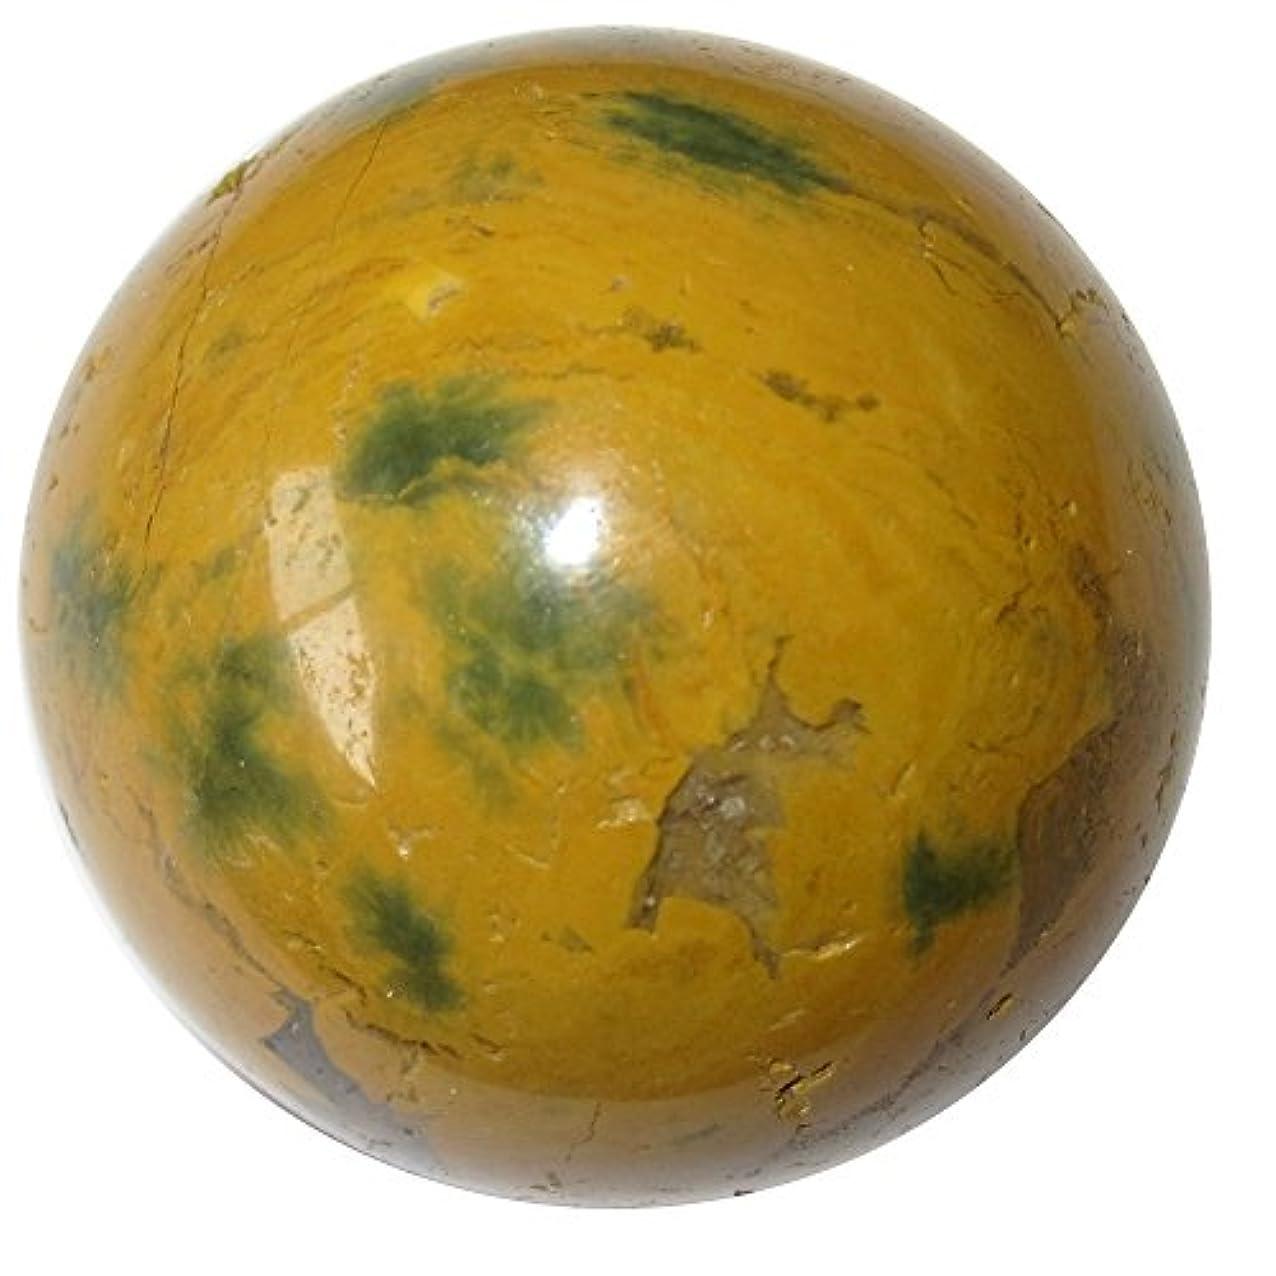 失速統計的気配りのあるサテンクリスタルジャスパー海洋ボールプレミアムマダガスカル球水要素エネルギーフローストーンp01 1.6 Inches イエロー jasperoceanball01-mustardgreen-1.6